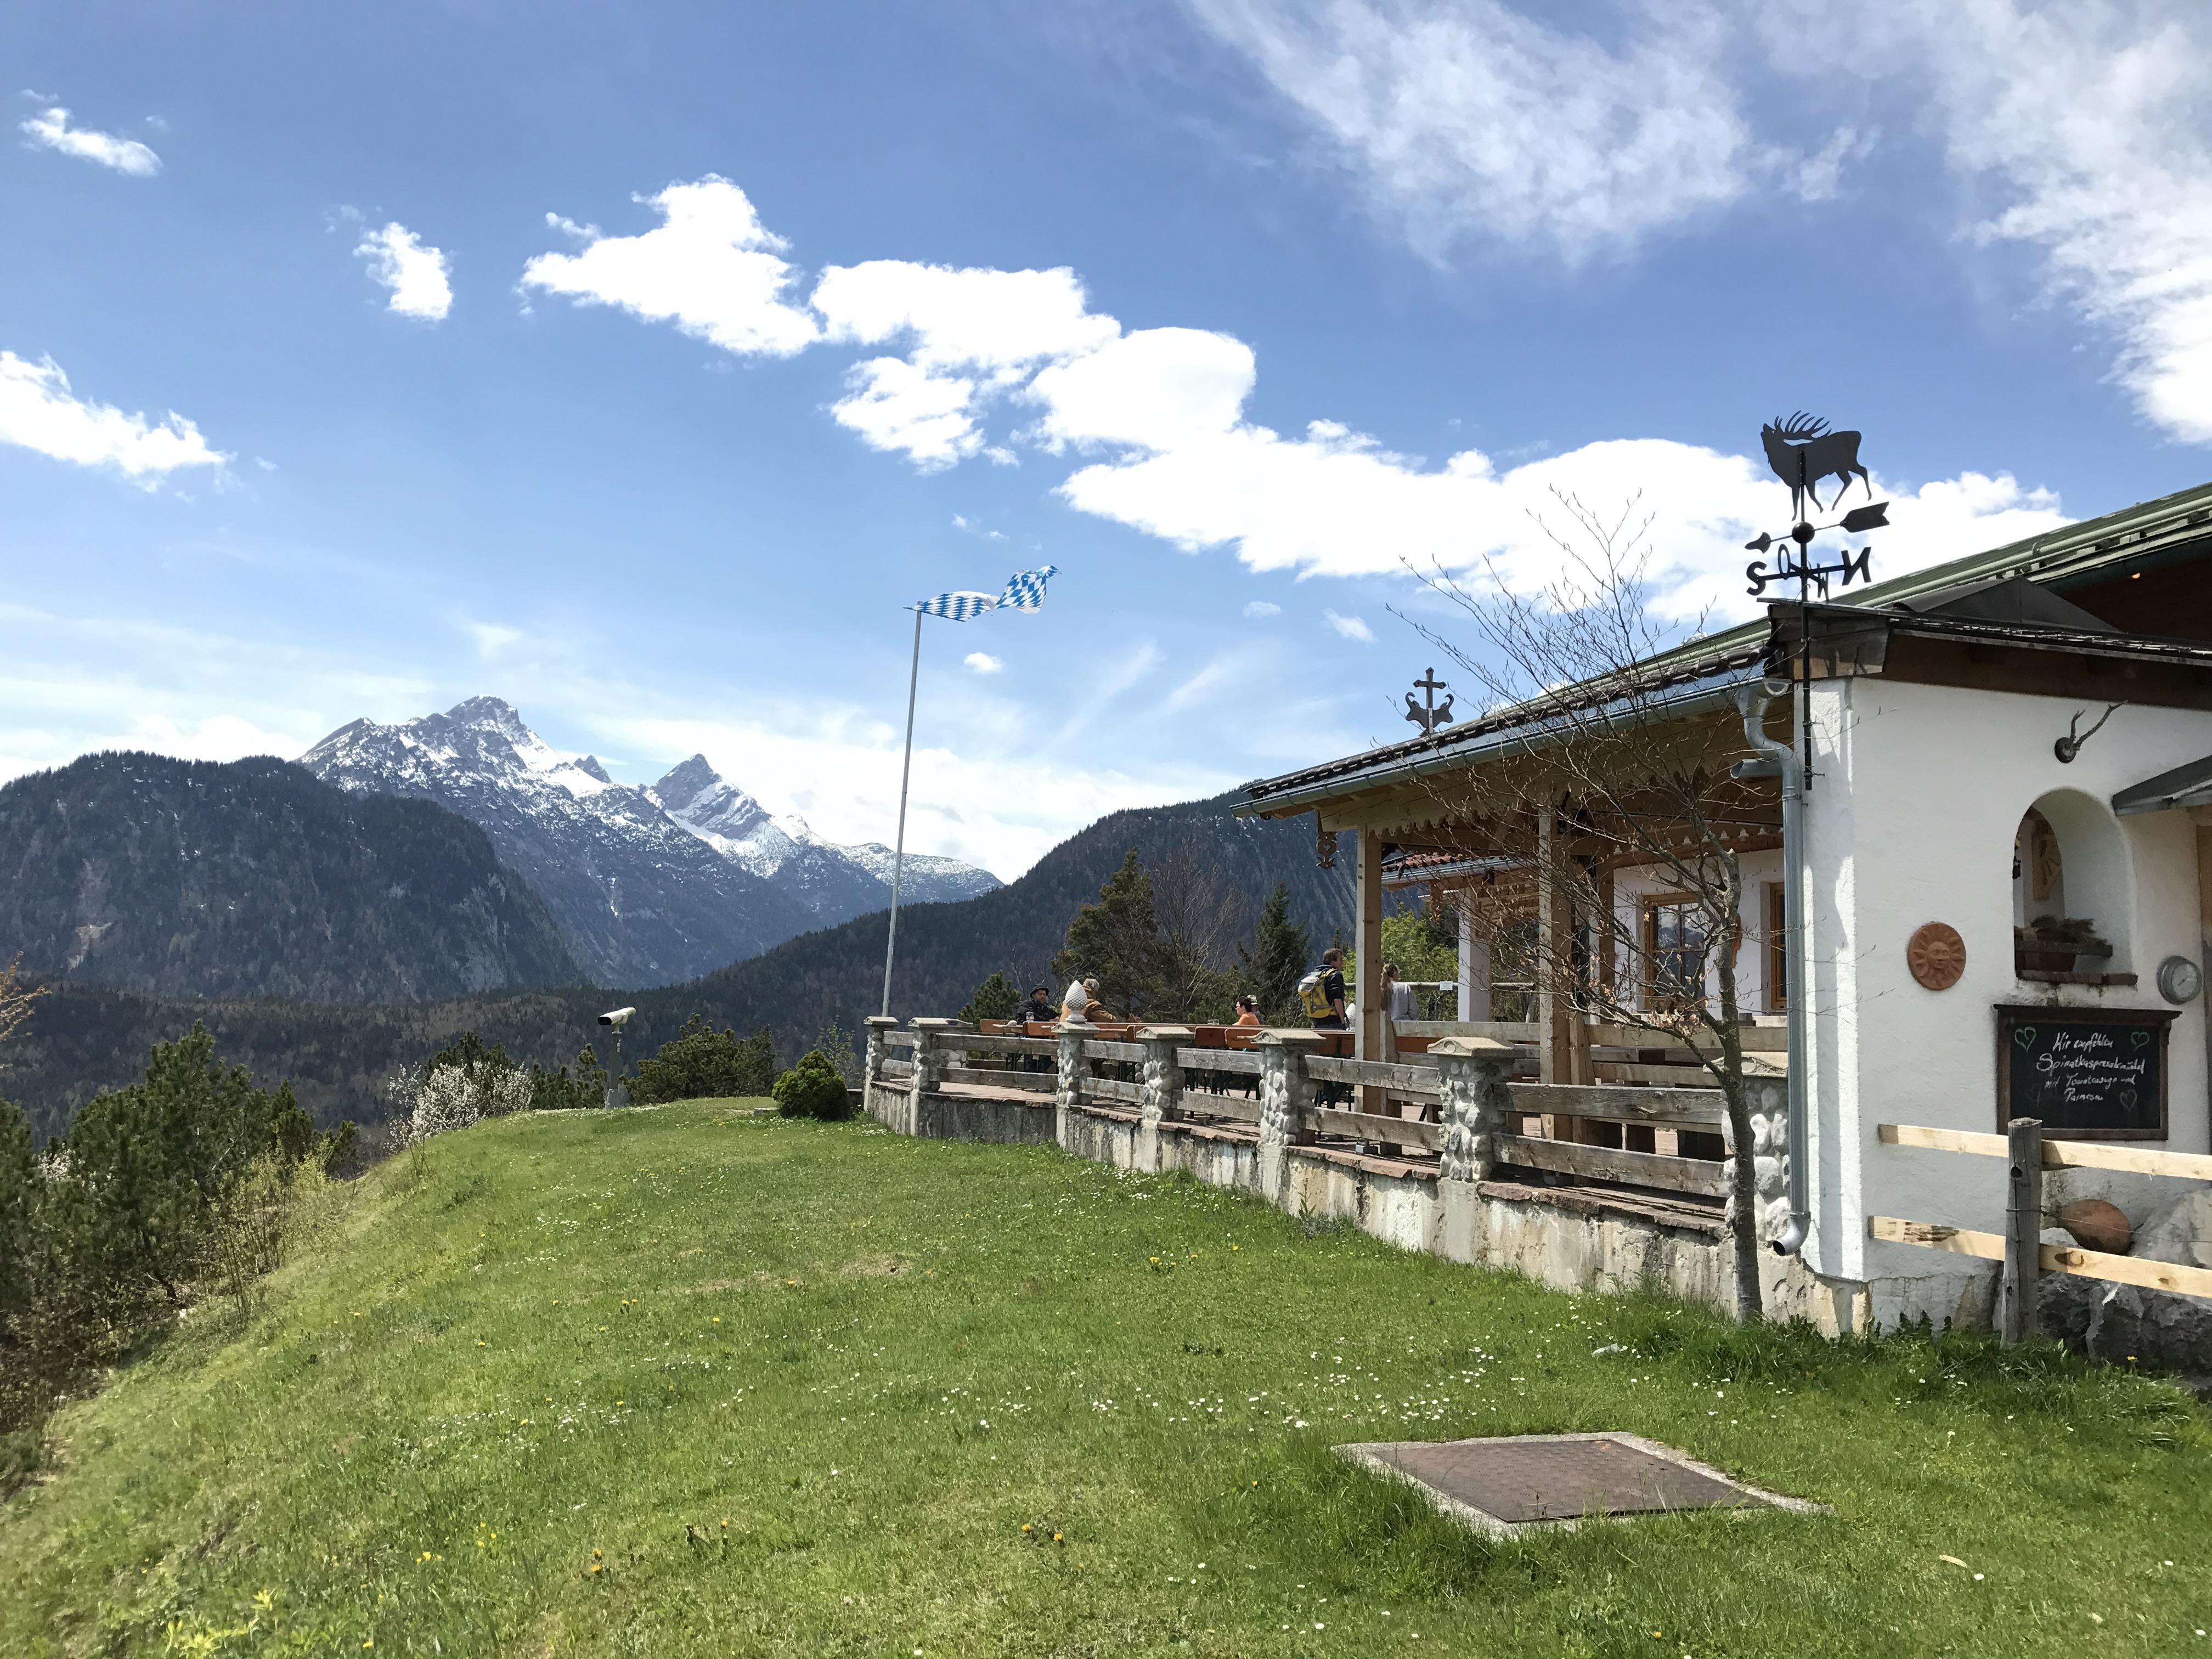 Das ist die Korbinianhütte in Mittenwald mit dem Wettersteingebirge